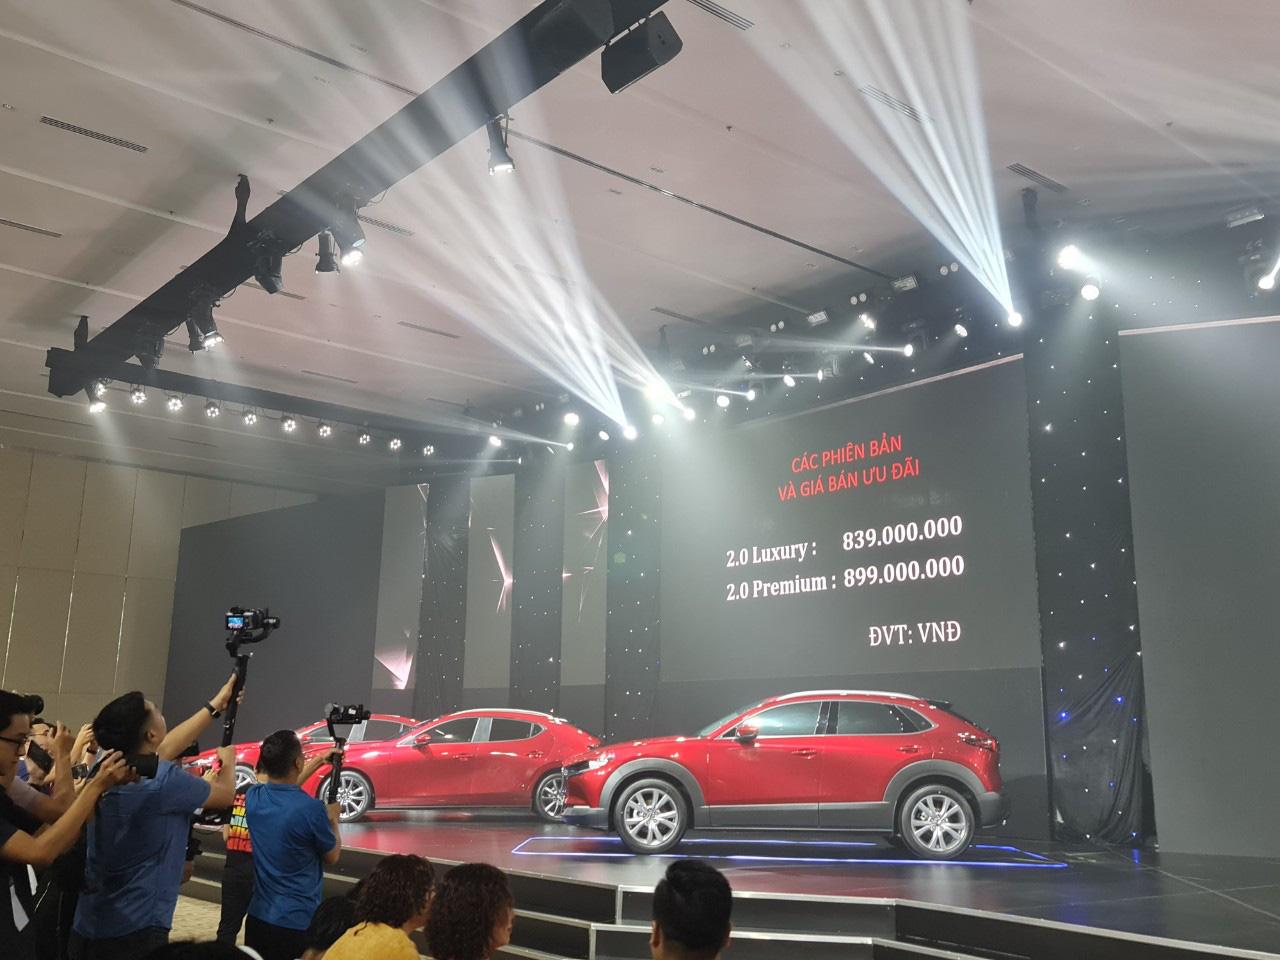 """Quảng Nam: Tỷ phú Trần Bá Dương ra dòng xe Mazda CX-30 """"thế hệ mới - đẳng cấp mới"""".   - Ảnh 3."""